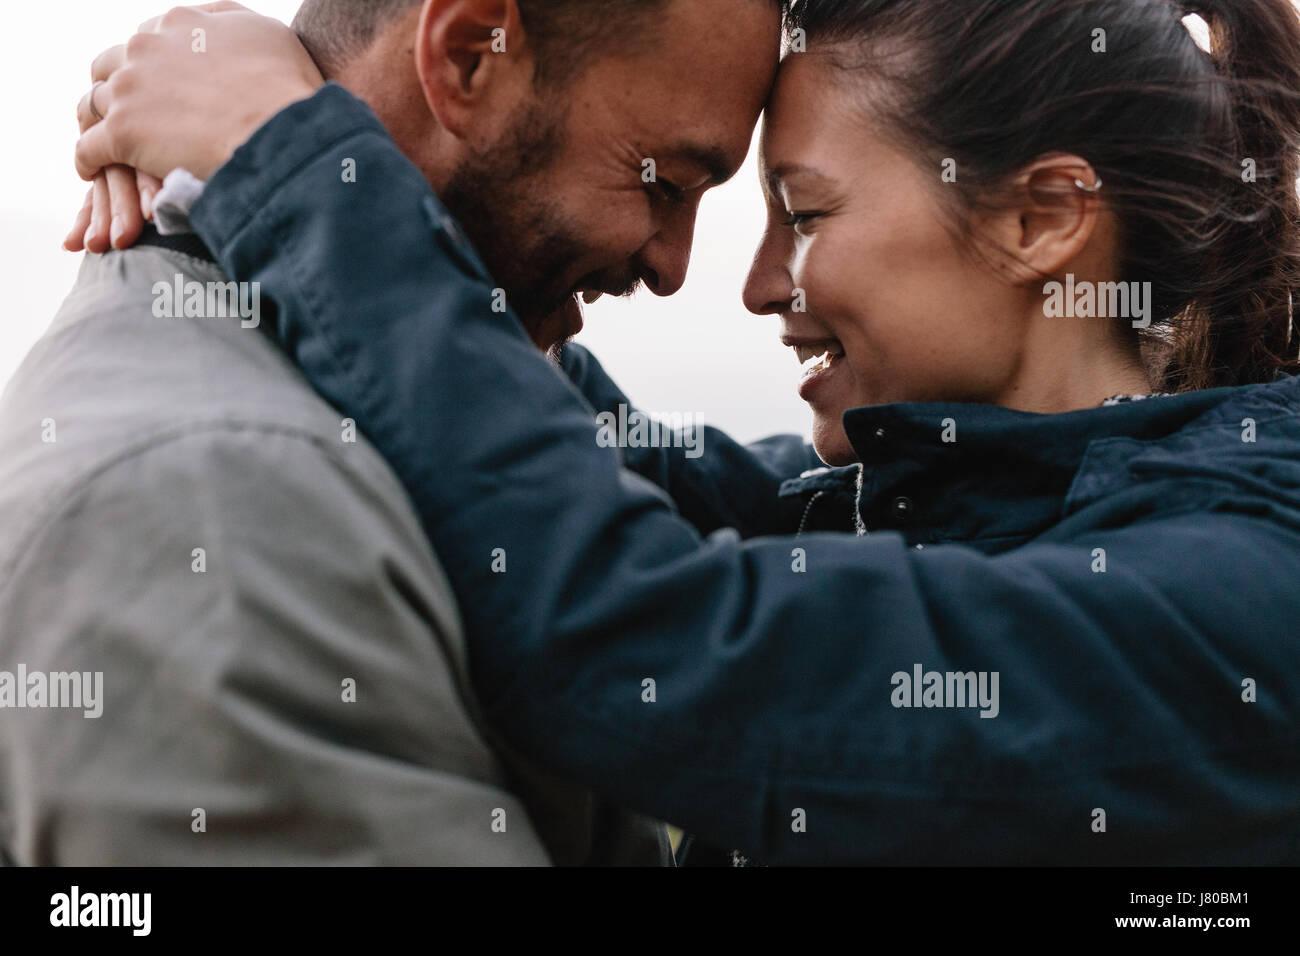 Close-up side ritratto di una giovane coppia in amore a guardare ogni altra amorevolmente e appoggiato le loro teste Immagini Stock